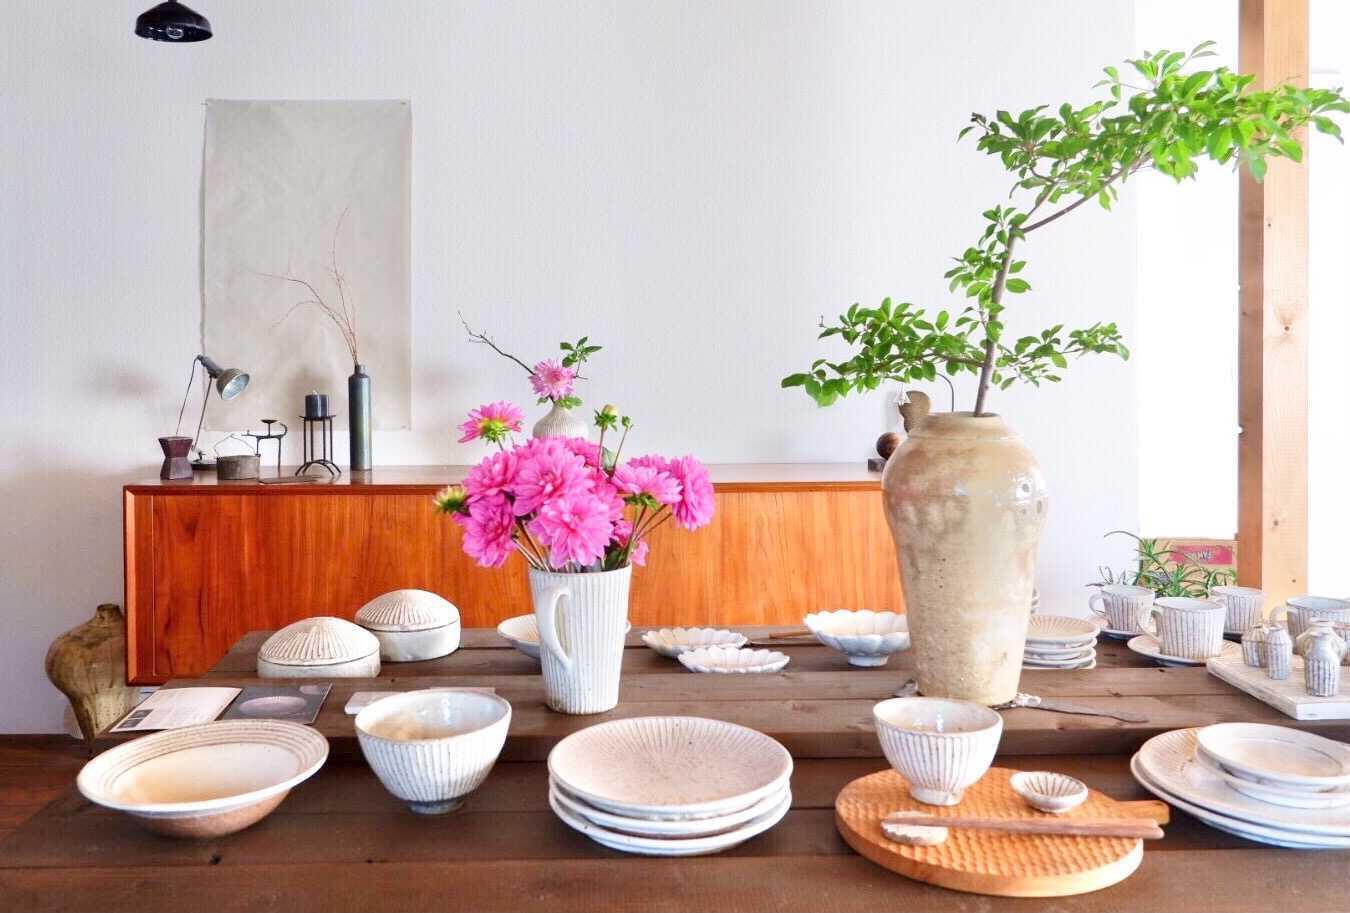 花器に花を活けると、ピンクや緑が映えますね。(写真中央左)